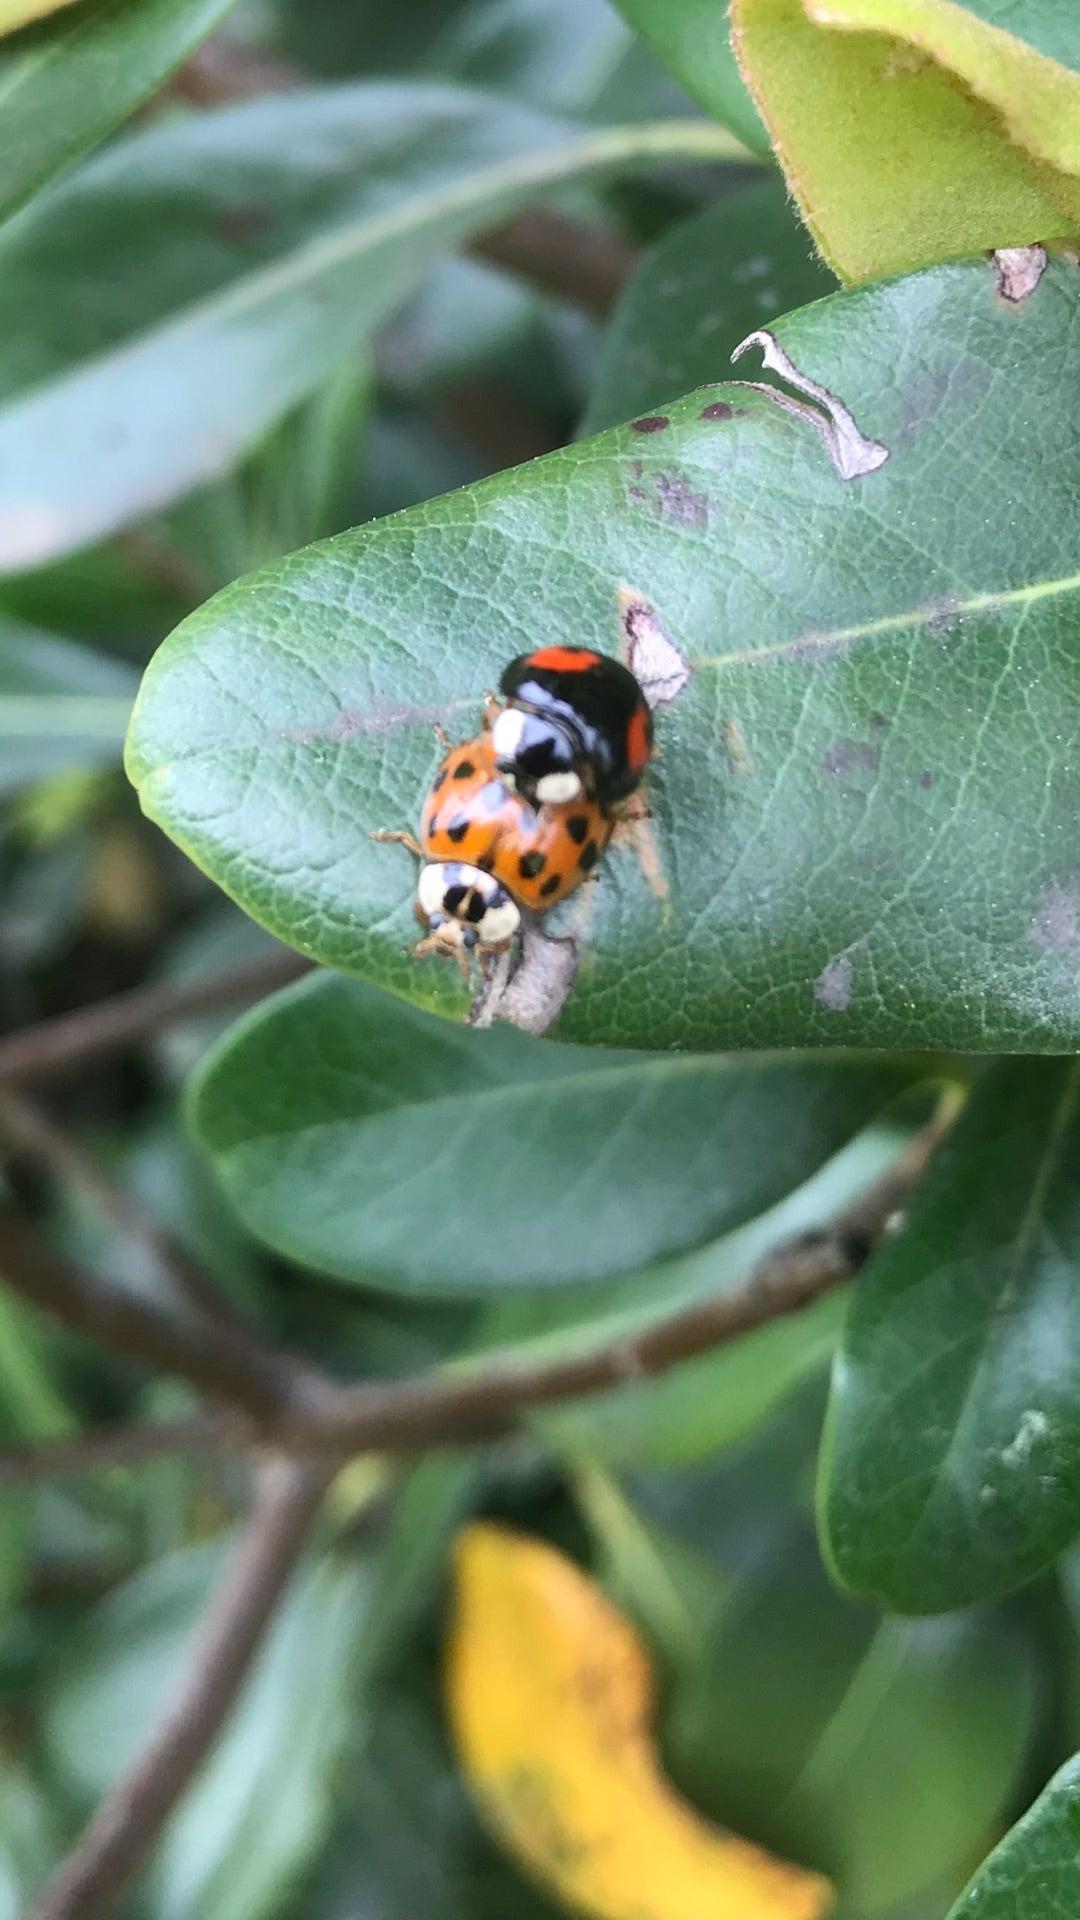 てんとう 虫 寿命 てんとう虫の飼育方法・寿命・餌について解説